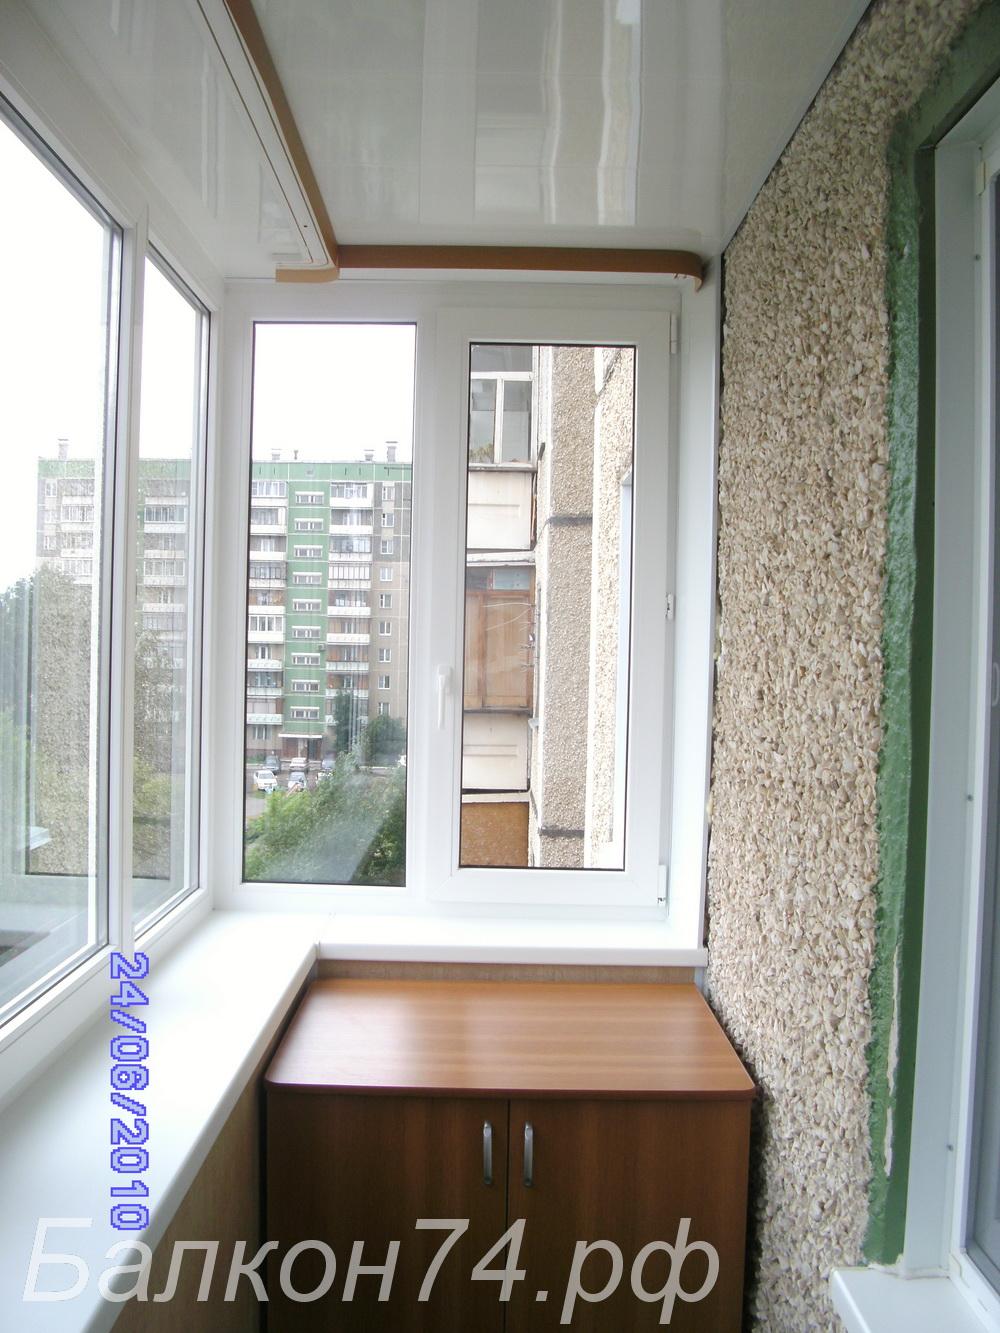 Маленький балкон. недорогая отделка небольшого балкона.